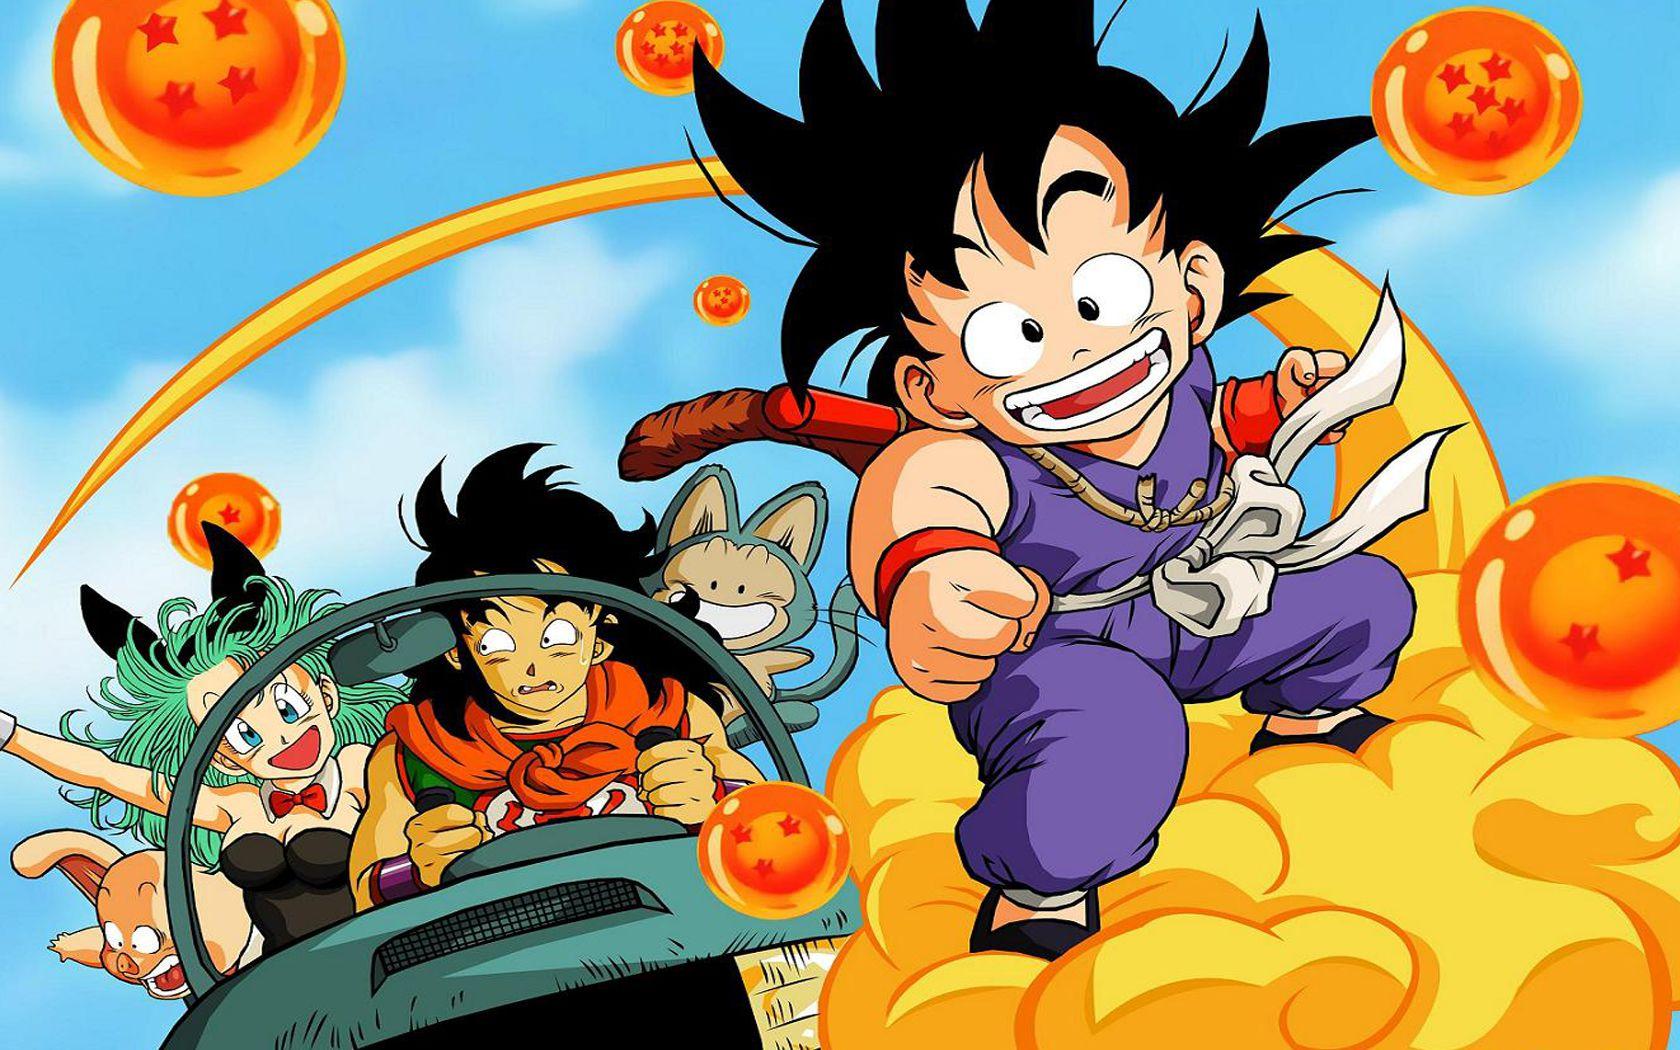 Những bộ truyện tranh manga hay nhất mọi thời đại - Top Manga Hay (10)